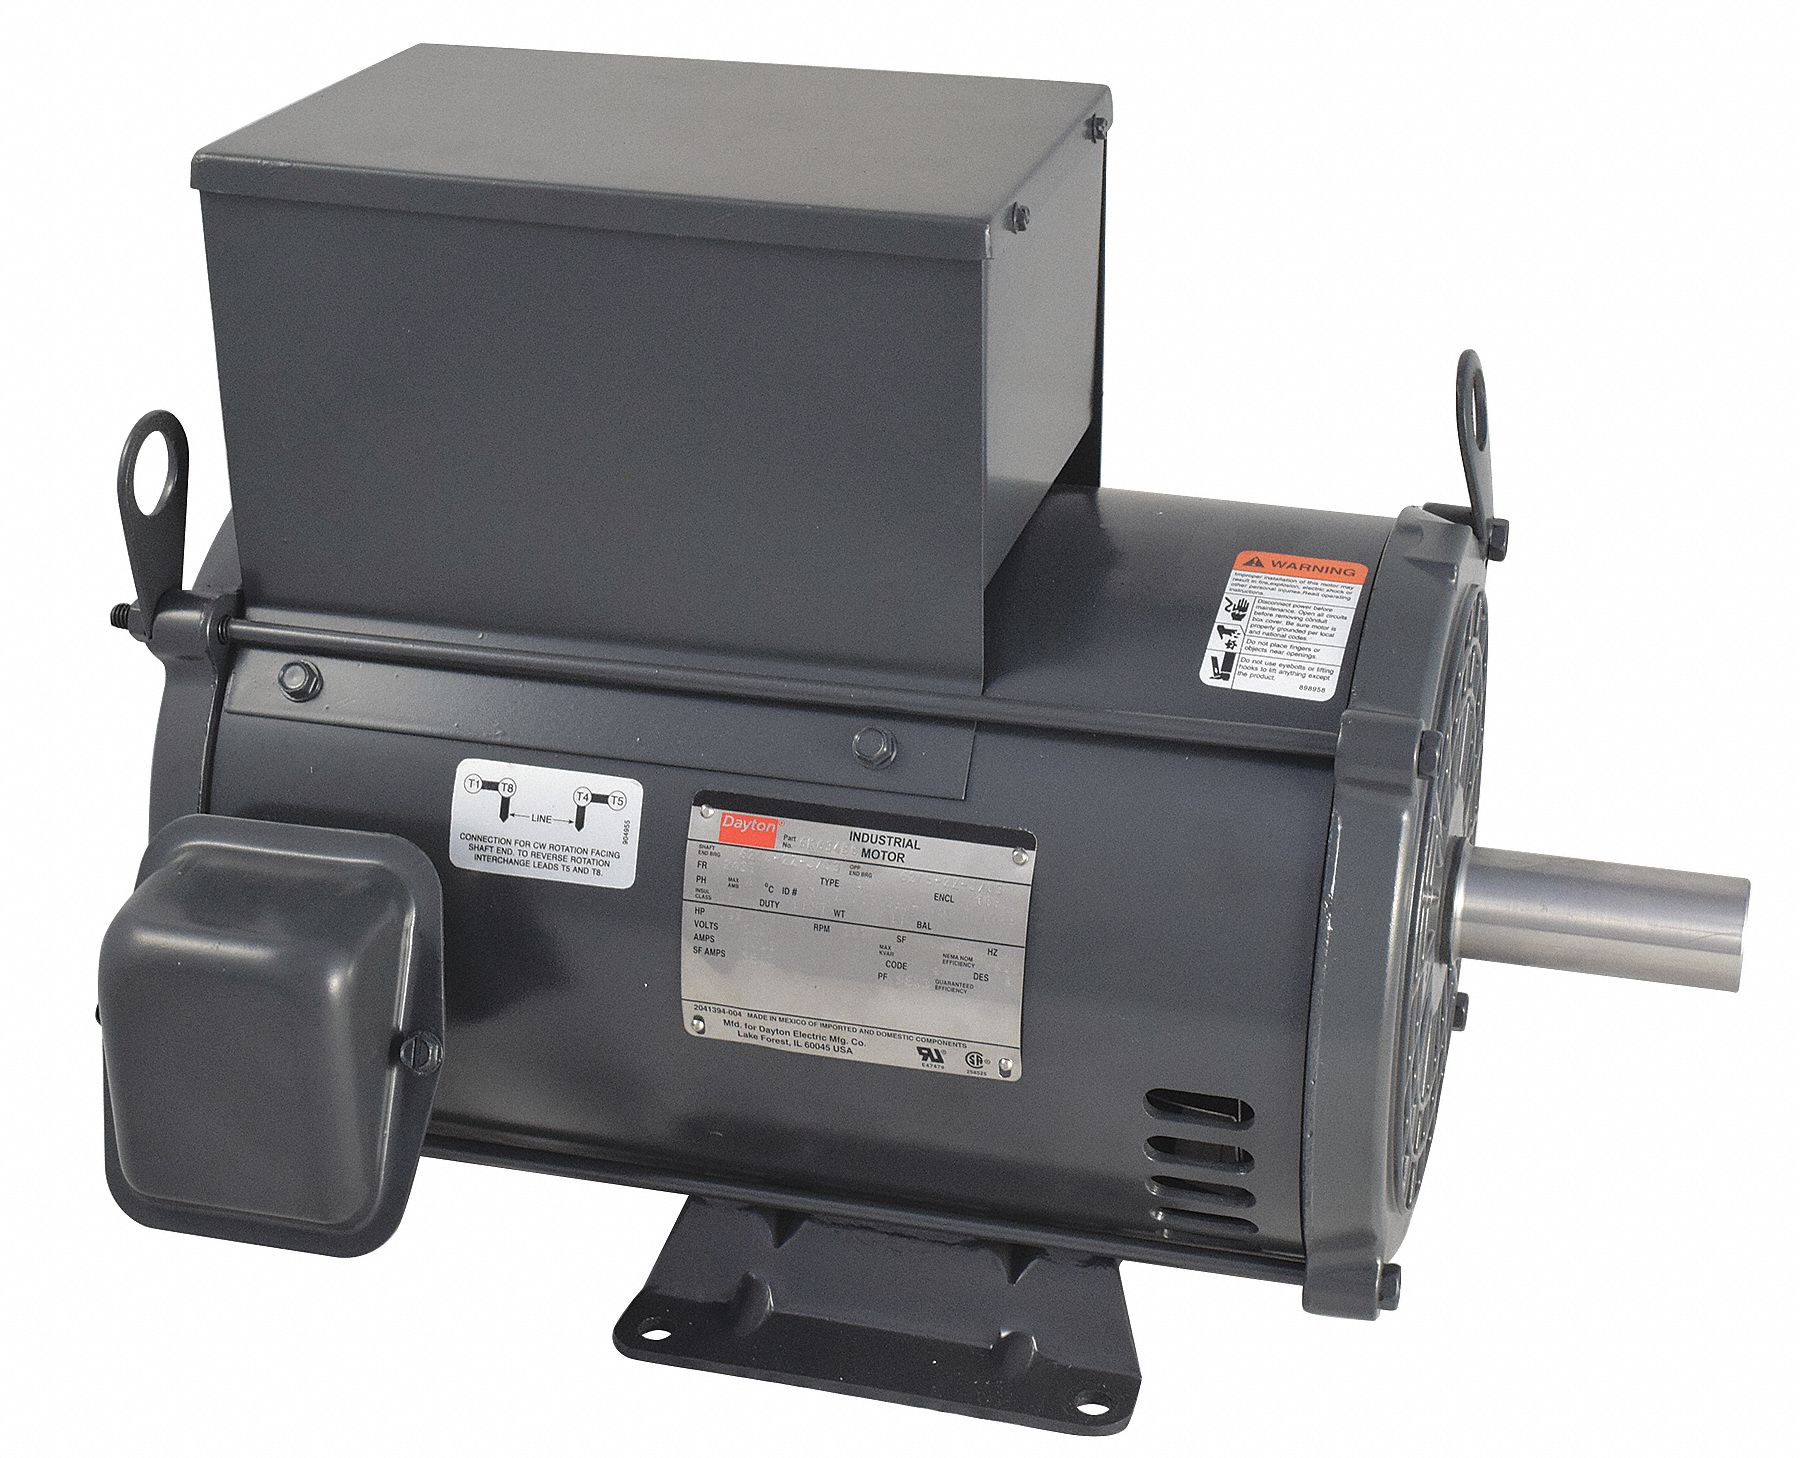 1 hp baldor capacitor wiring dayton 7 1 2 hp general purpose motor capacitor start run 3530  dayton 7 1 2 hp general purpose motor